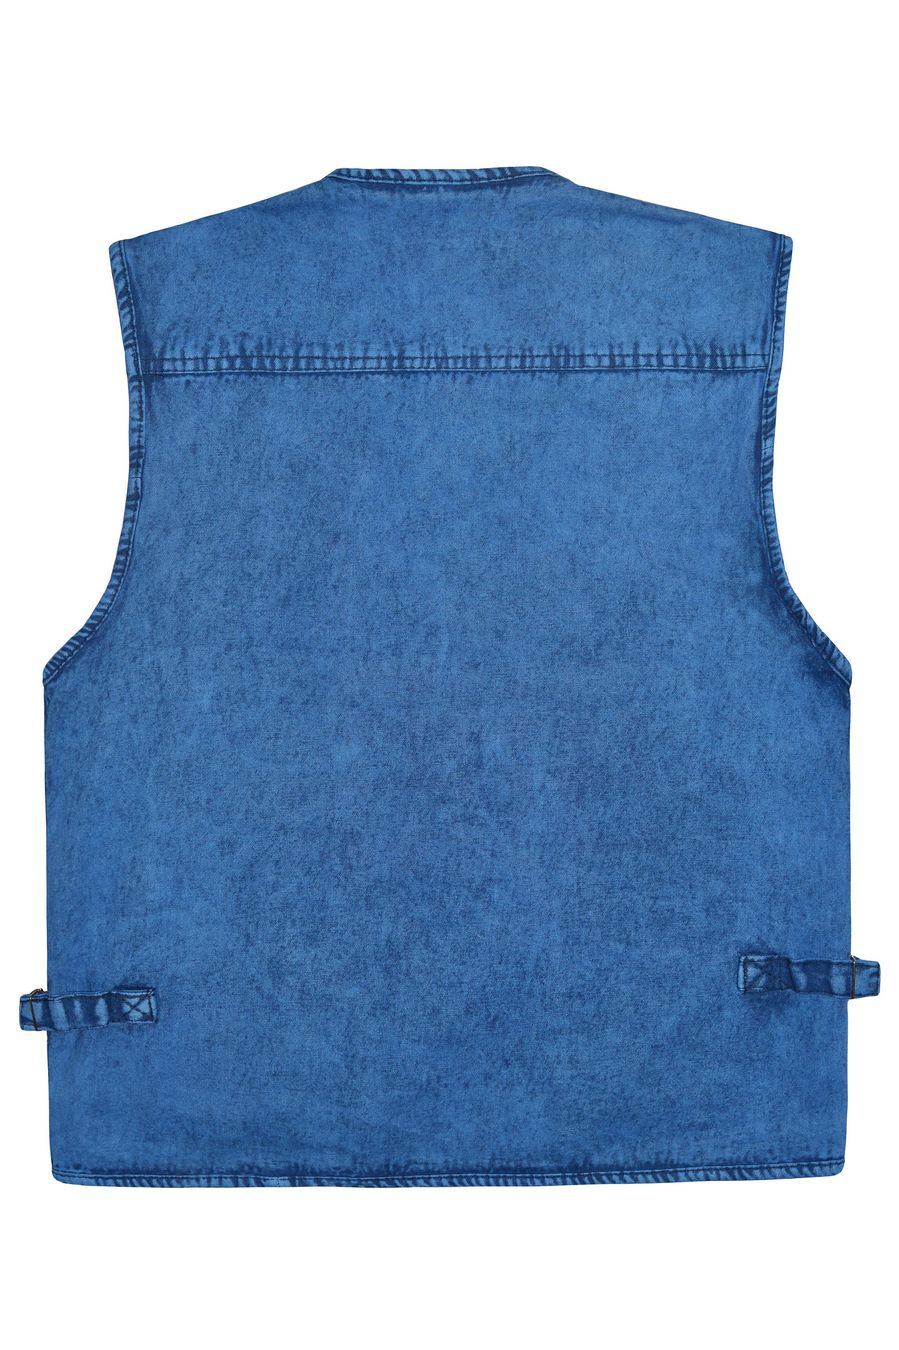 Жилет мужской Sport #10 джинсовый синий - фото 2